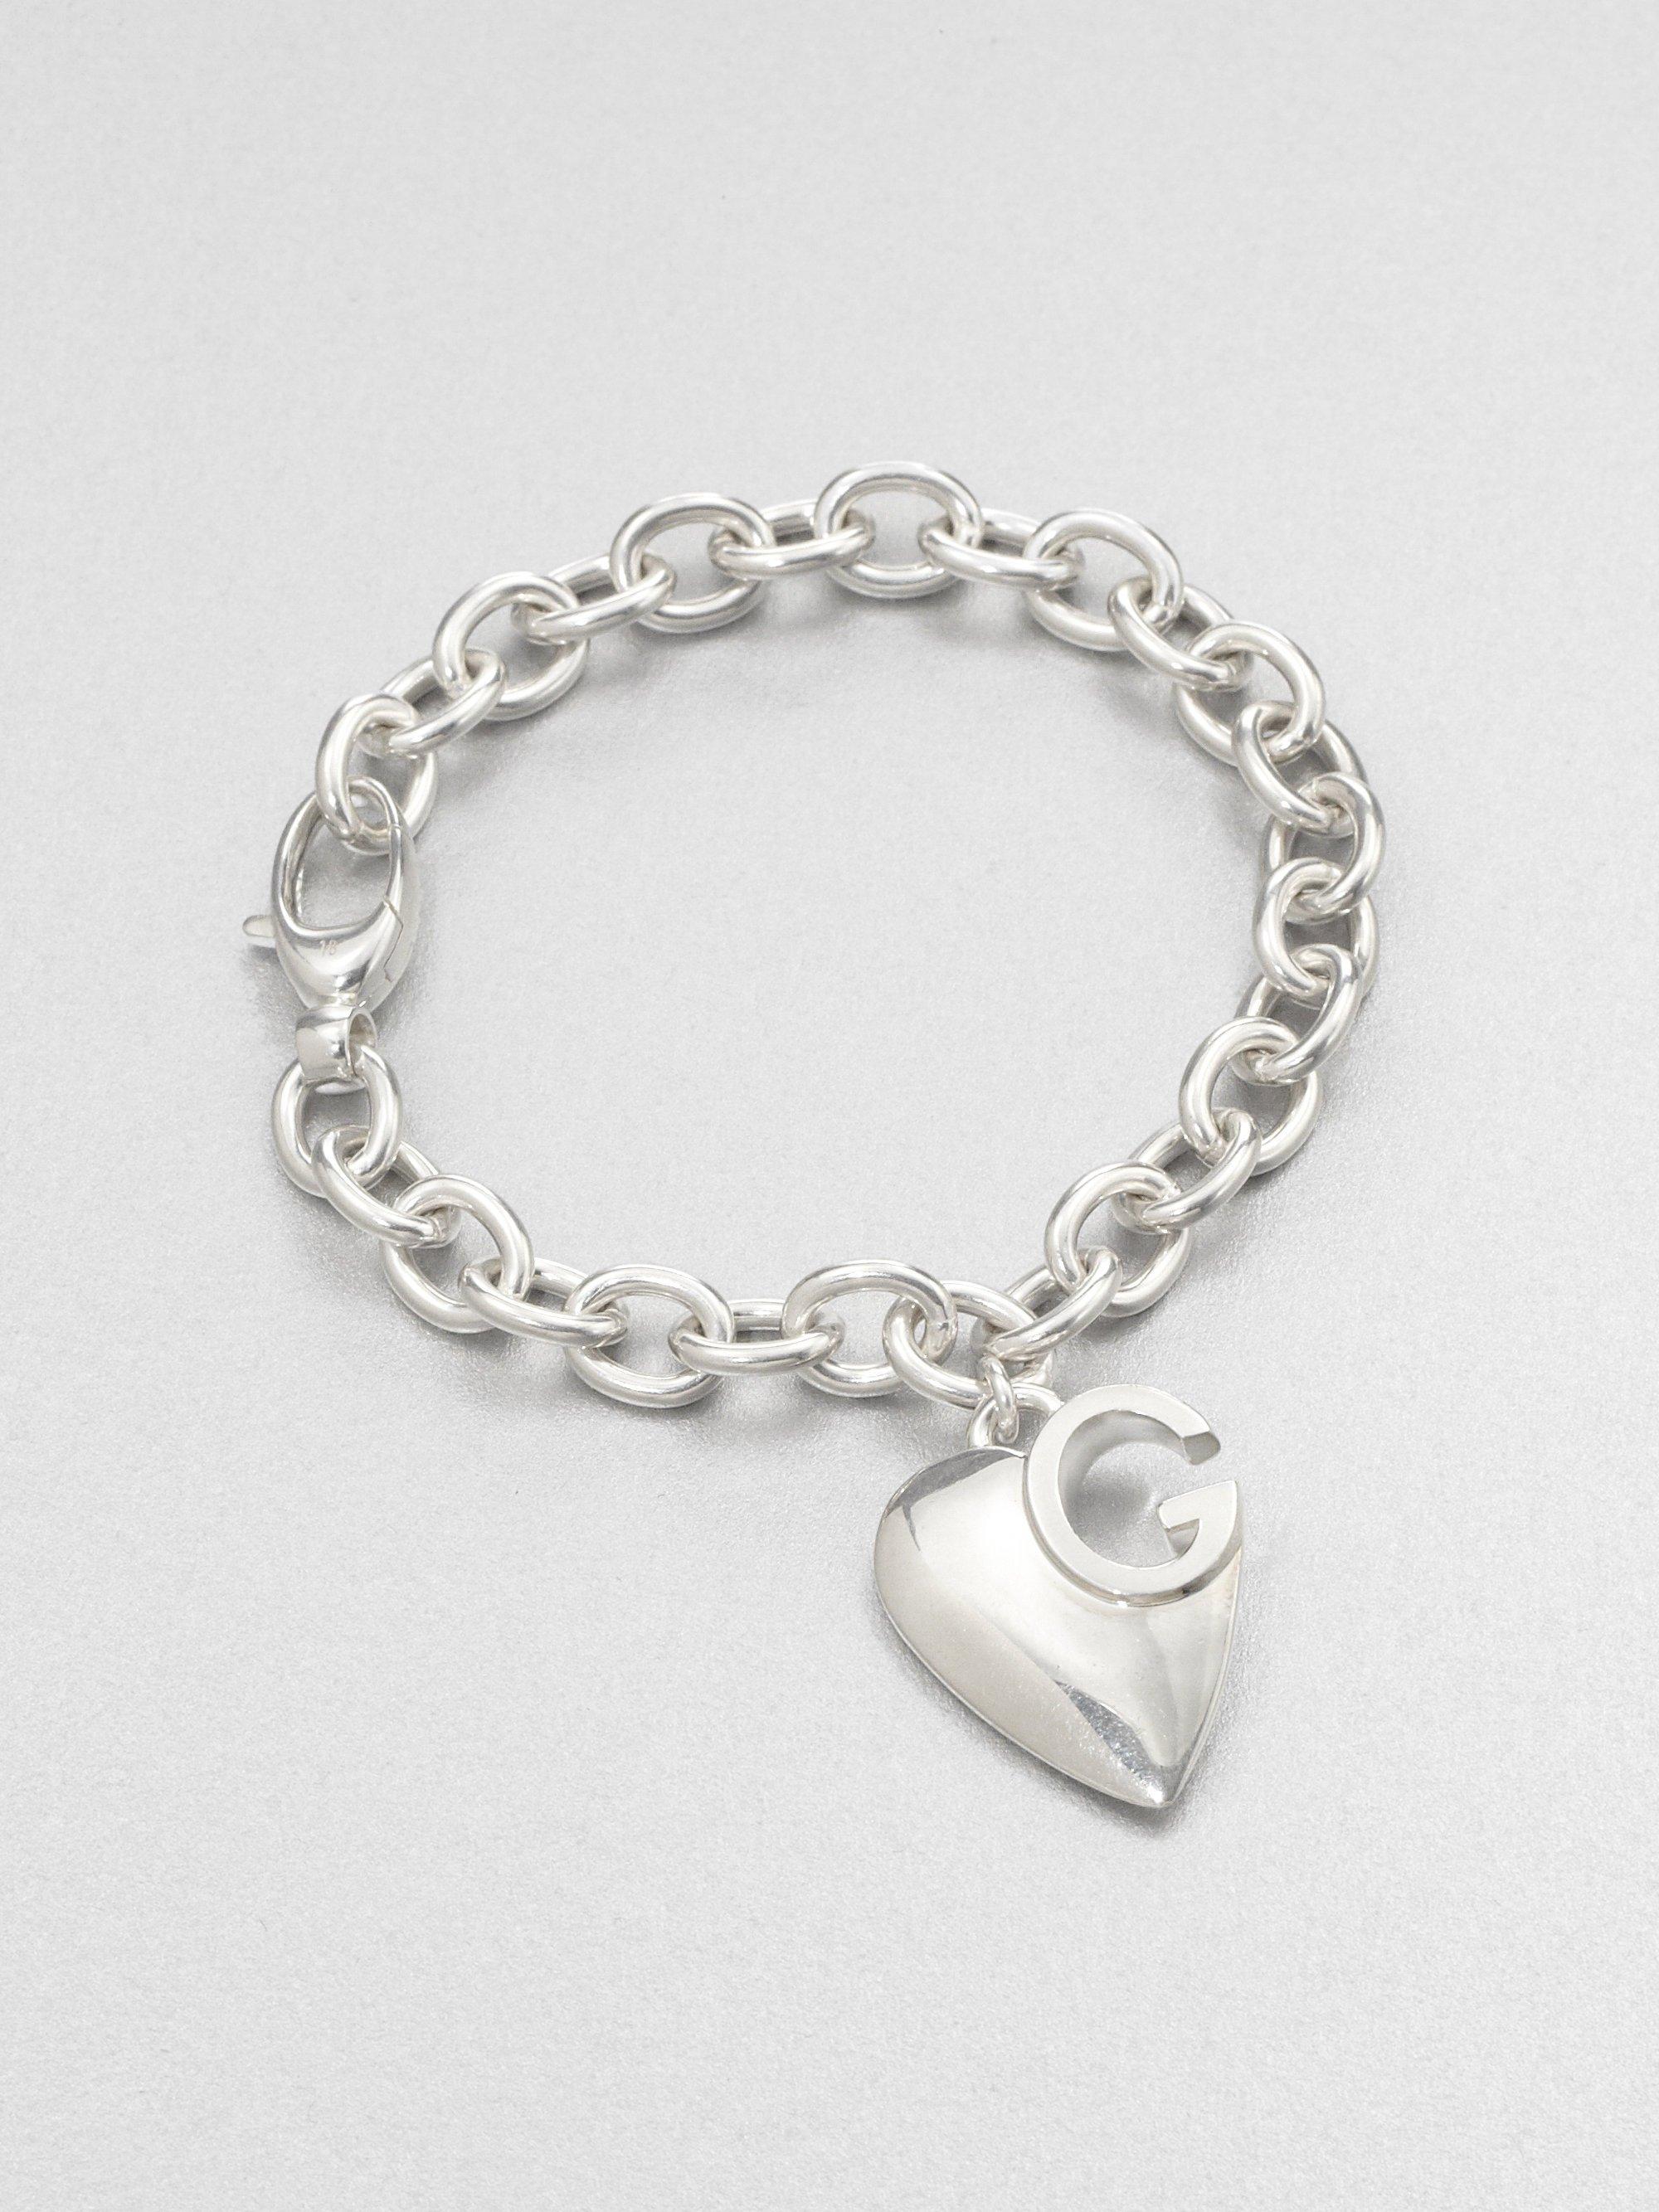 900c00f1c Lyst Gucci Sterling Silver Heart Charm Bracelet In Metallic